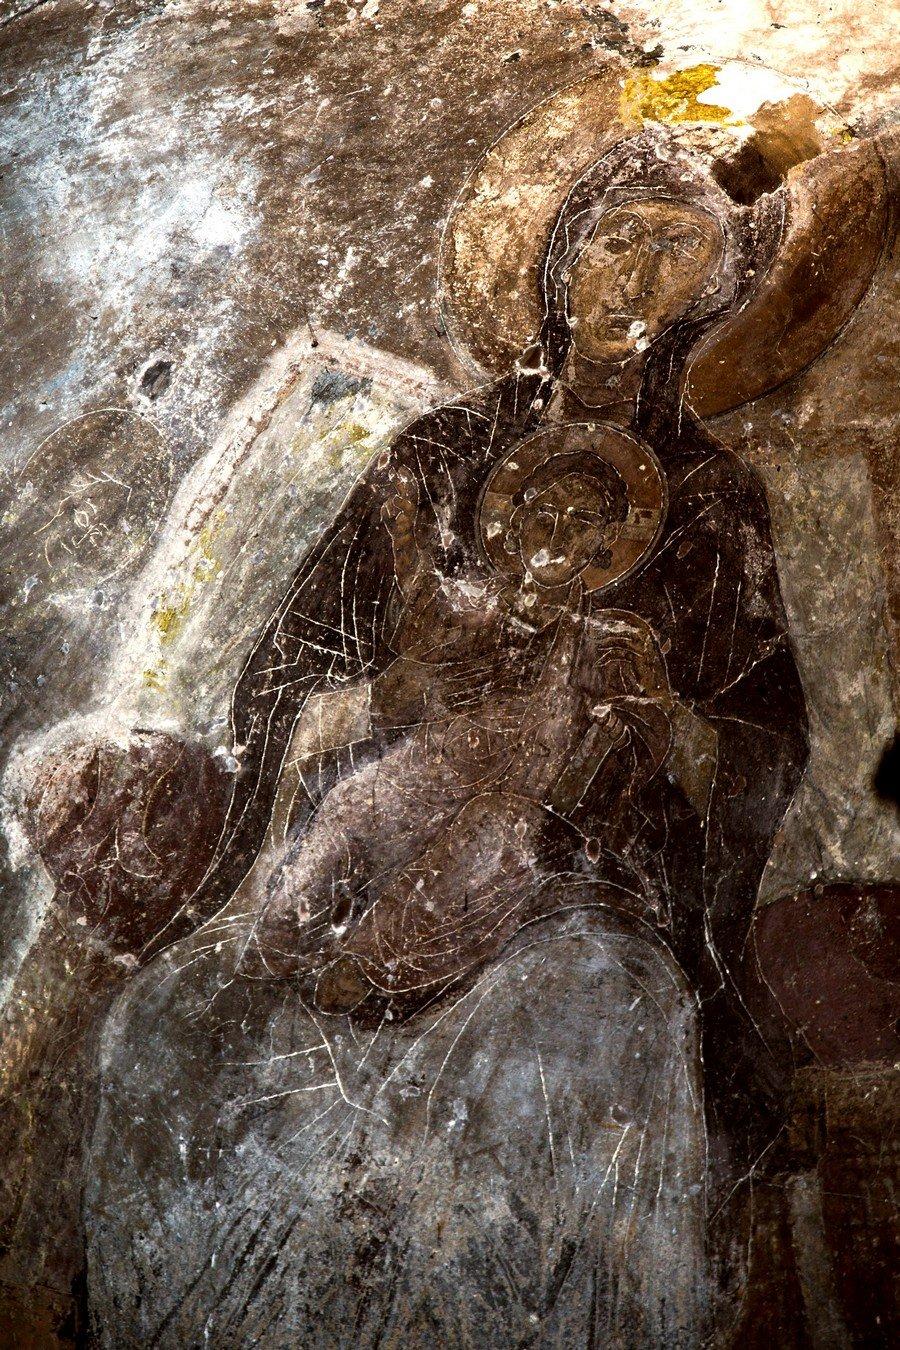 Пресвятая Богородица с Младенцем на троне. Фреска церкви Богородицы Елеусы в Велюсе, Македония. Начало XII века